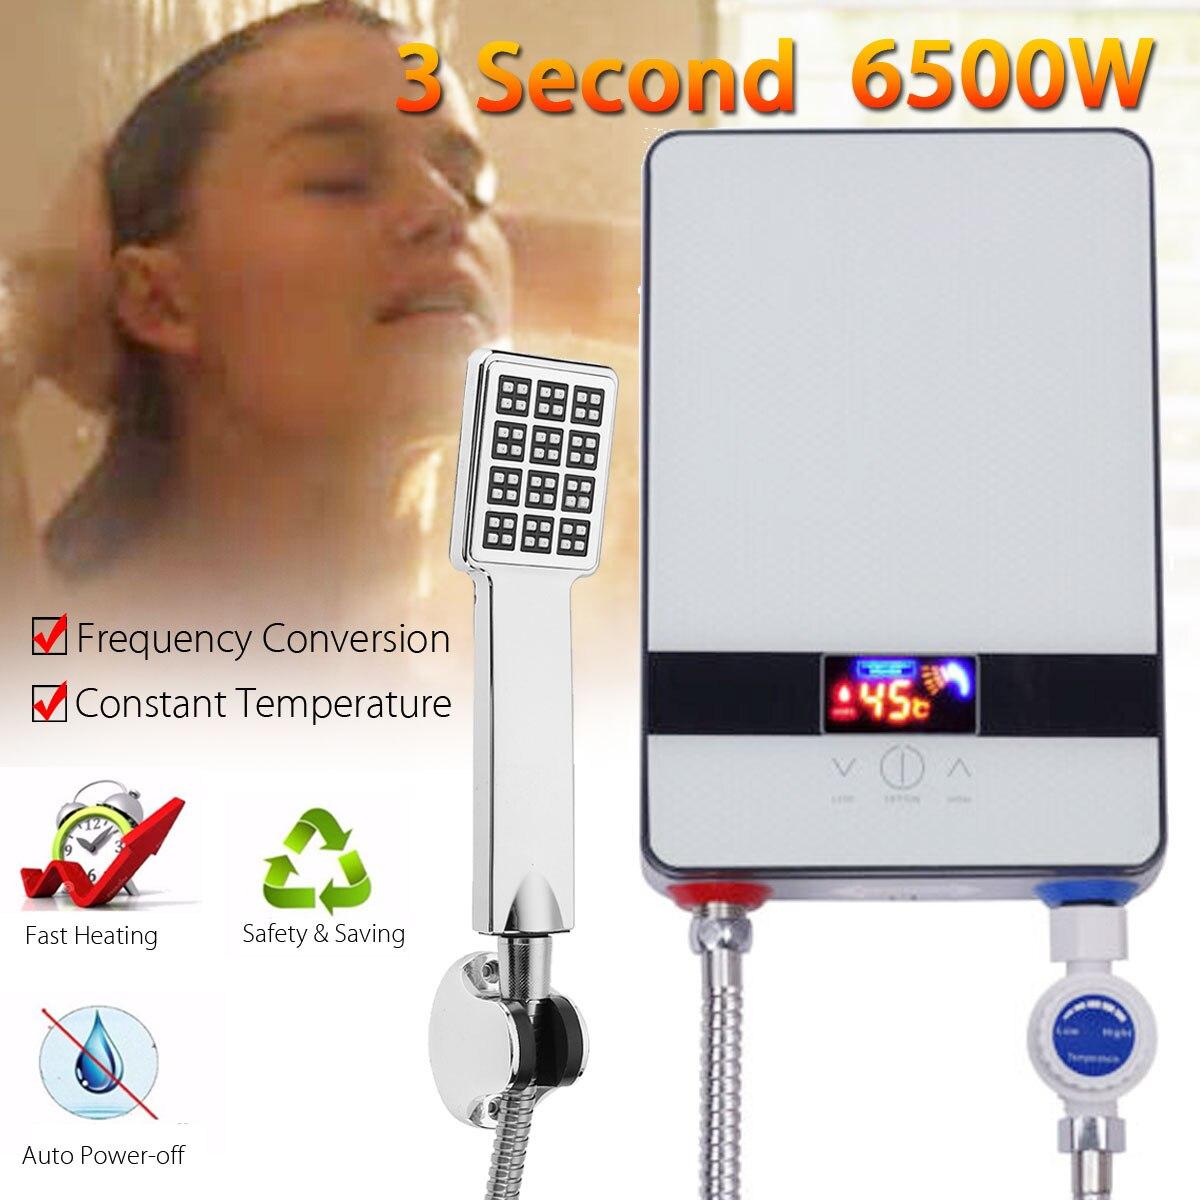 Warmtoo Новый 220 В Tankless Электрический Душ мгновенный Кухня Ванная комната горячей воды набор нагреватель Электрический нагрев воды душ 6500 Вт